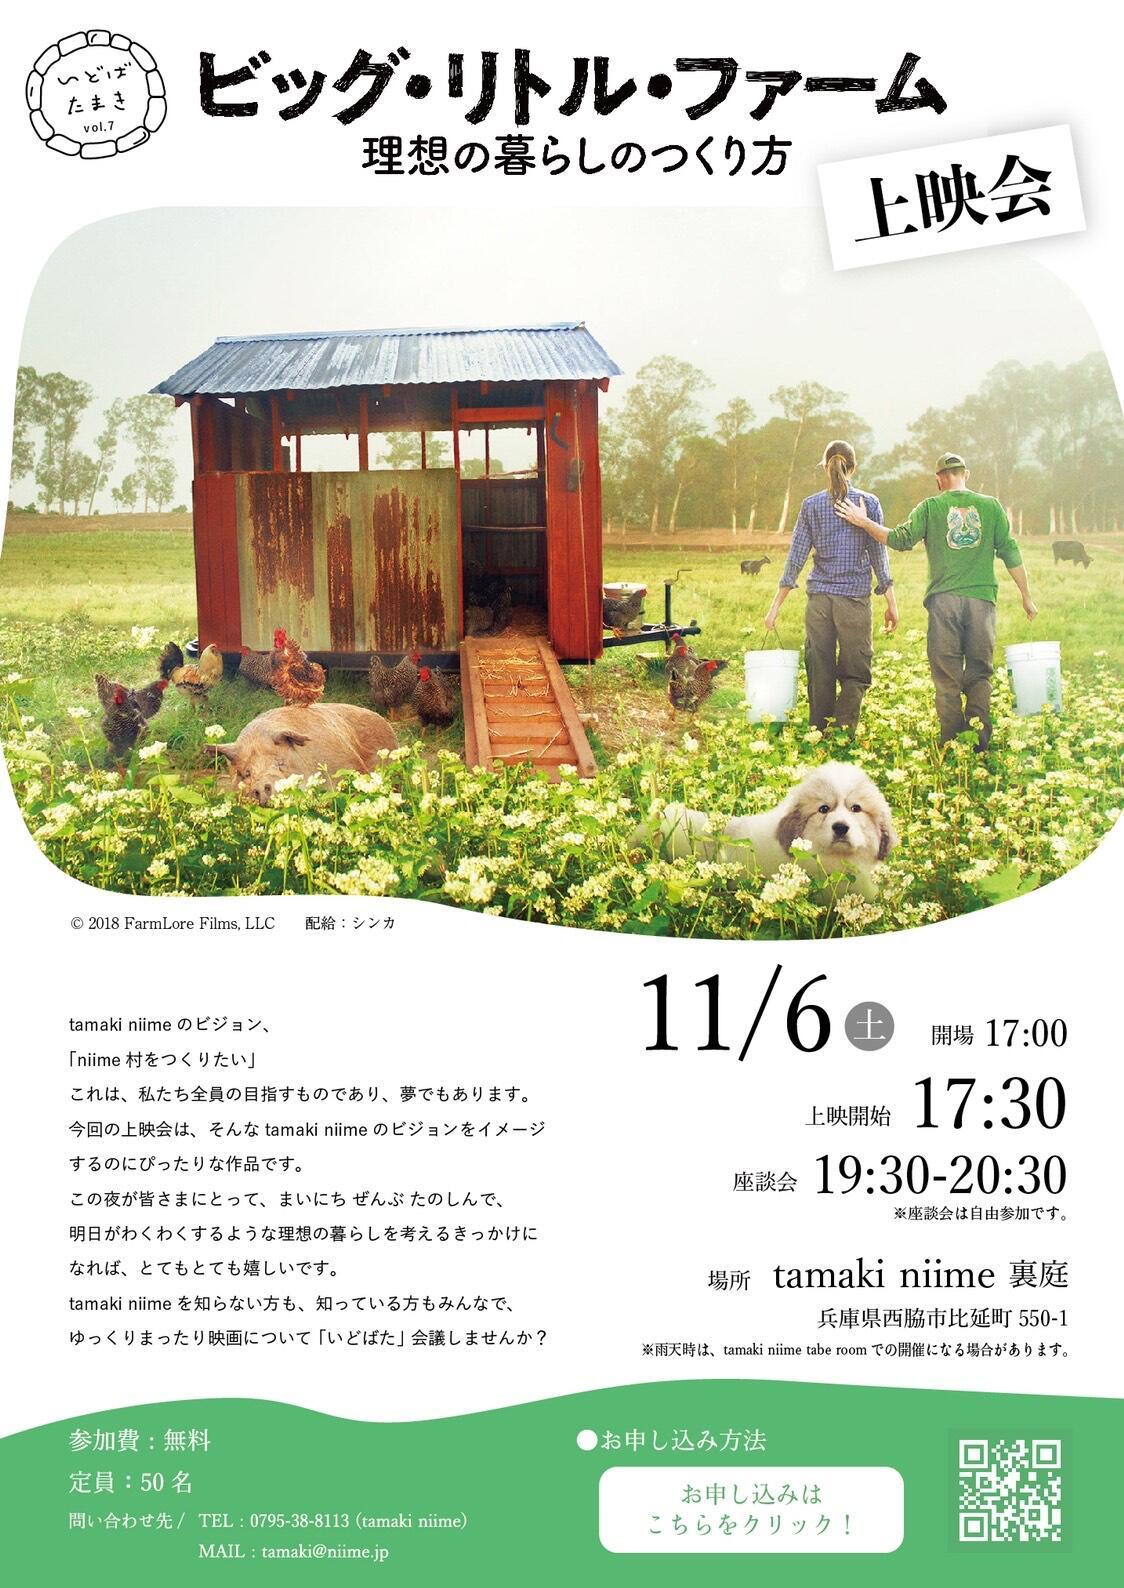 11/6 ビッグ・リトル・ファーム上映会:tamaki niime裏庭